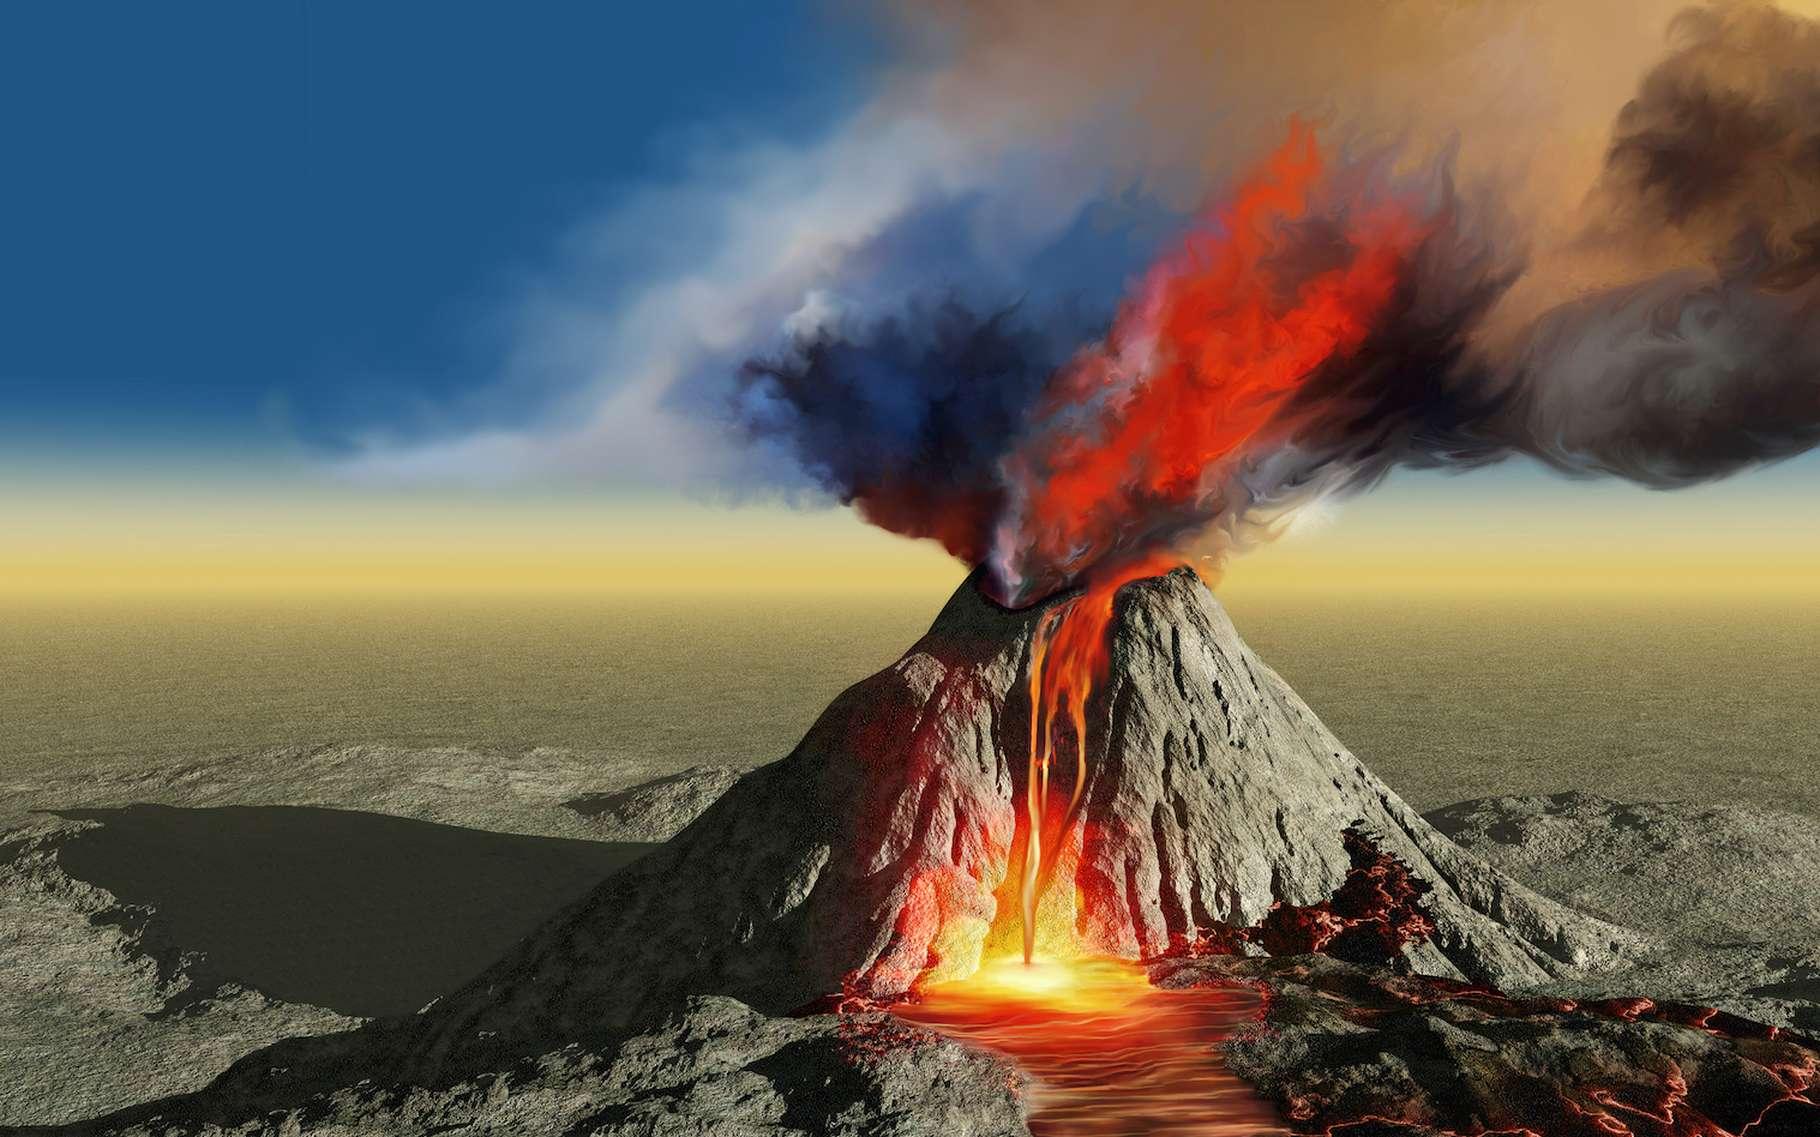 Se basant sur des analyses des émissions de CO2 par les volcans entrés en éruption à cette période du côté des trapps du Deccan (Inde), des chercheurs de l'Université de la ville de New York (États-Unis) estiment que l'événement n'est pas en lien avec l'extinction des dinosaures. © Catmando, Adobe Stock